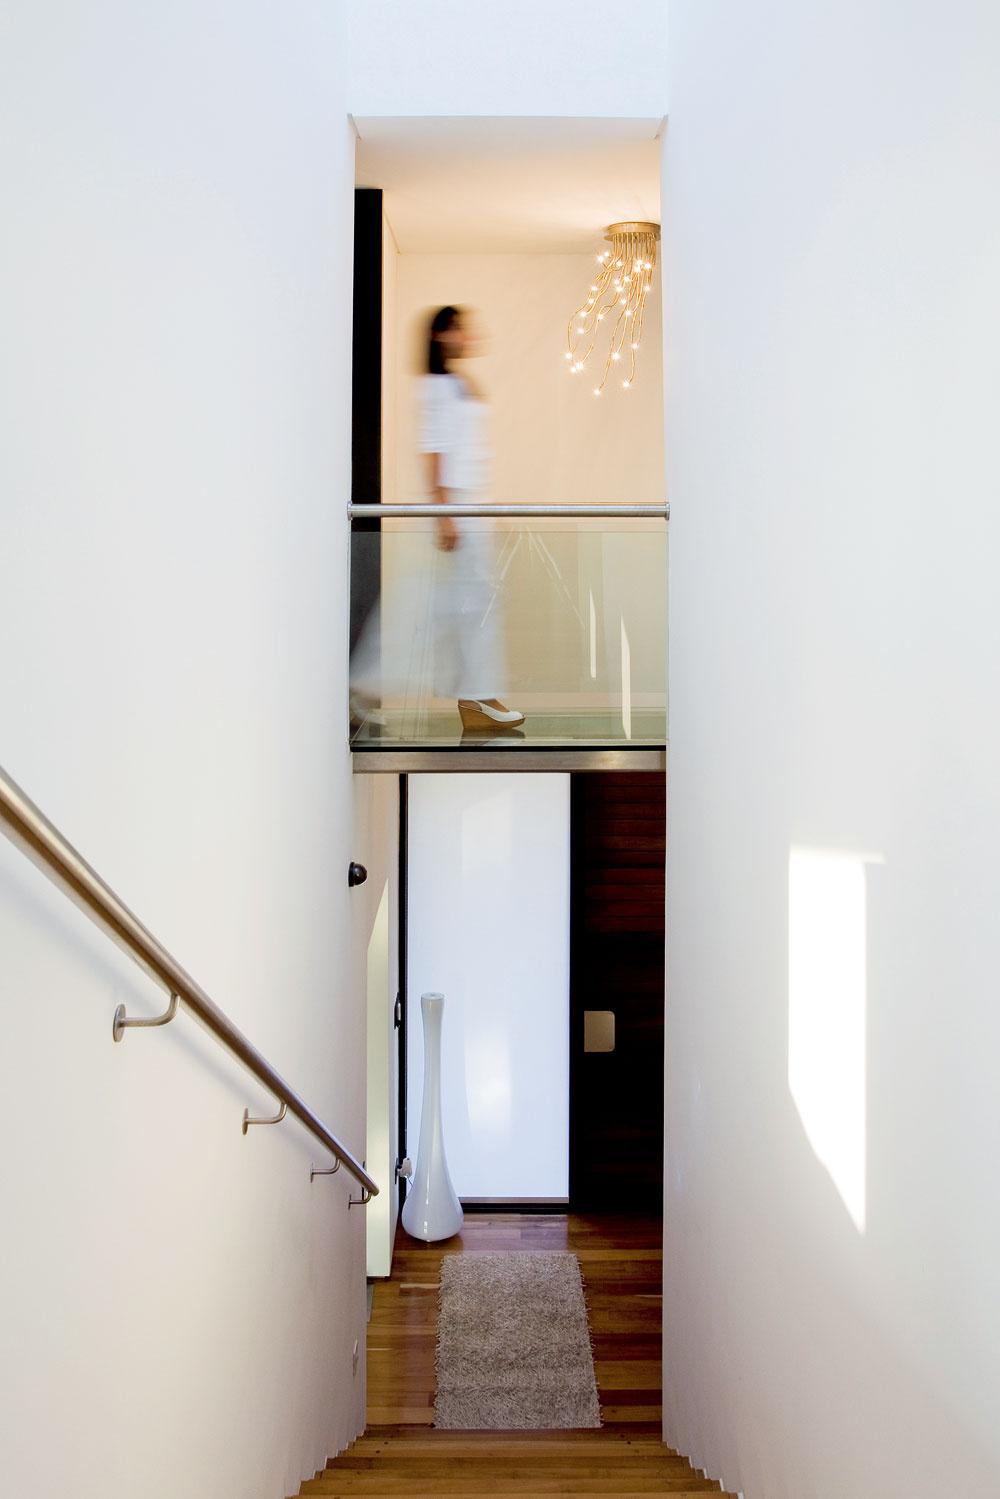 Úzke jednoramenné schodisko je najvyšším priestorom vdome. Vďaka pochôdznej streche nad schodiskovým priestorom sú terasy vdome na štyroch úrovniach.